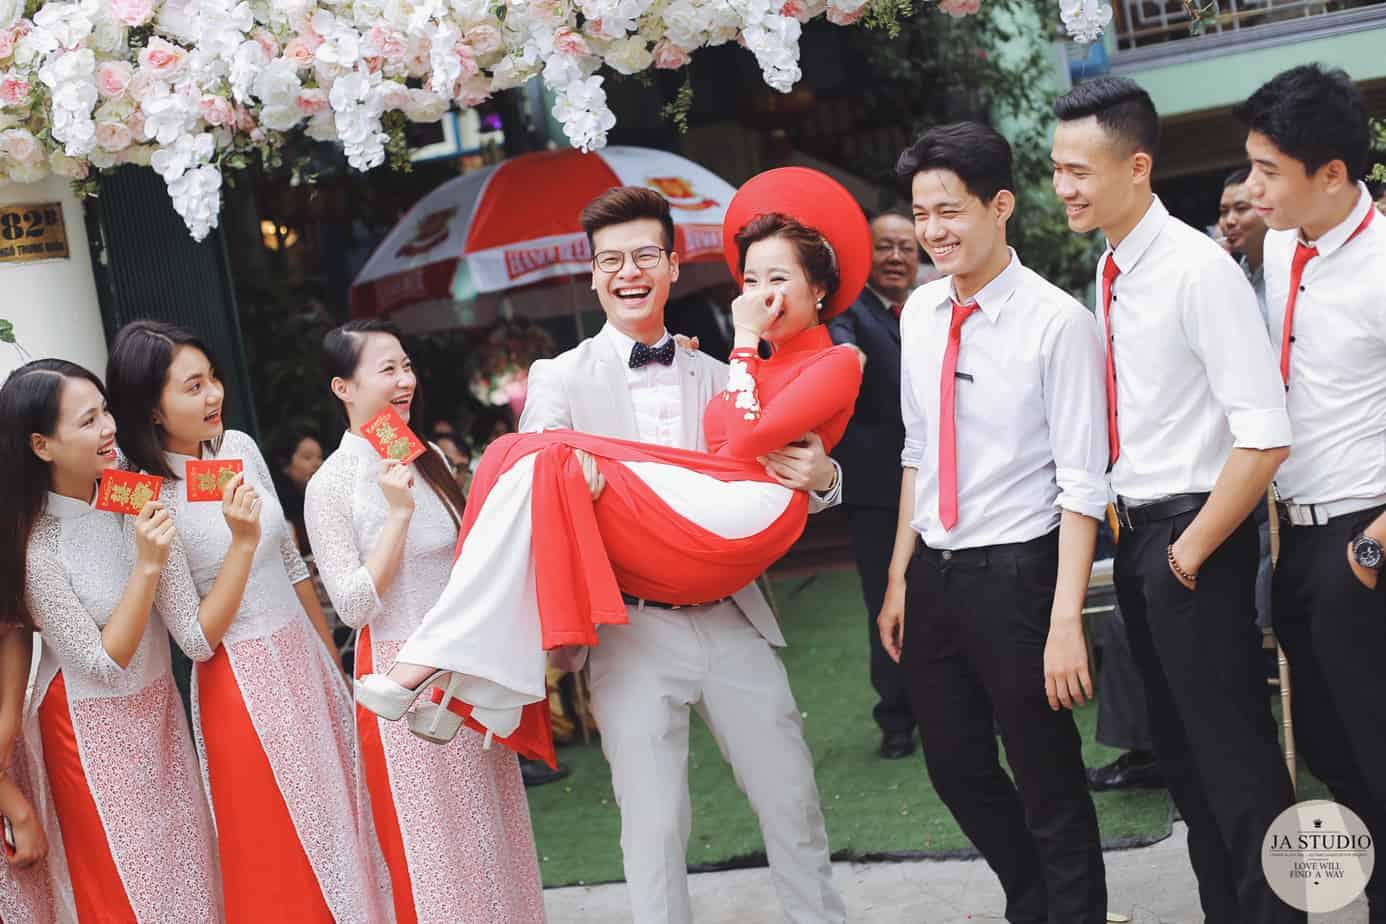 Kết quả hình ảnh cho TOP 3 Quay phóng sự cưới TPHCM